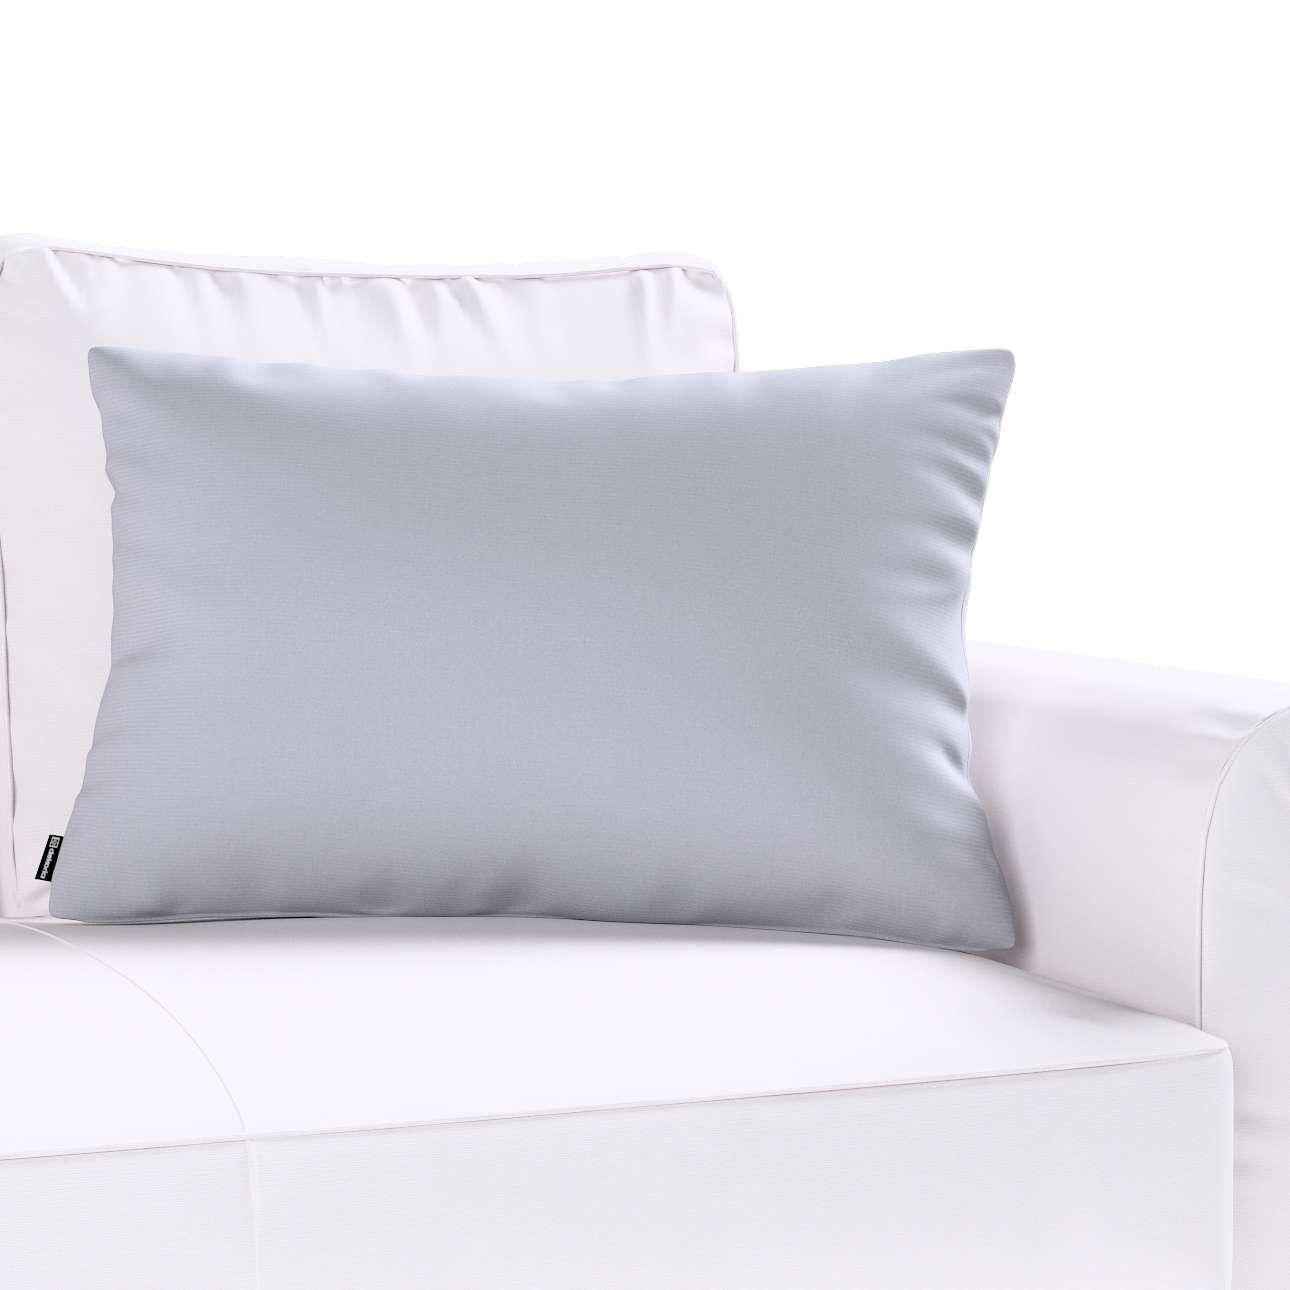 Poszewka Kinga na poduszkę prostokątną 60 x 40 cm w kolekcji Jupiter, tkanina: 127-92